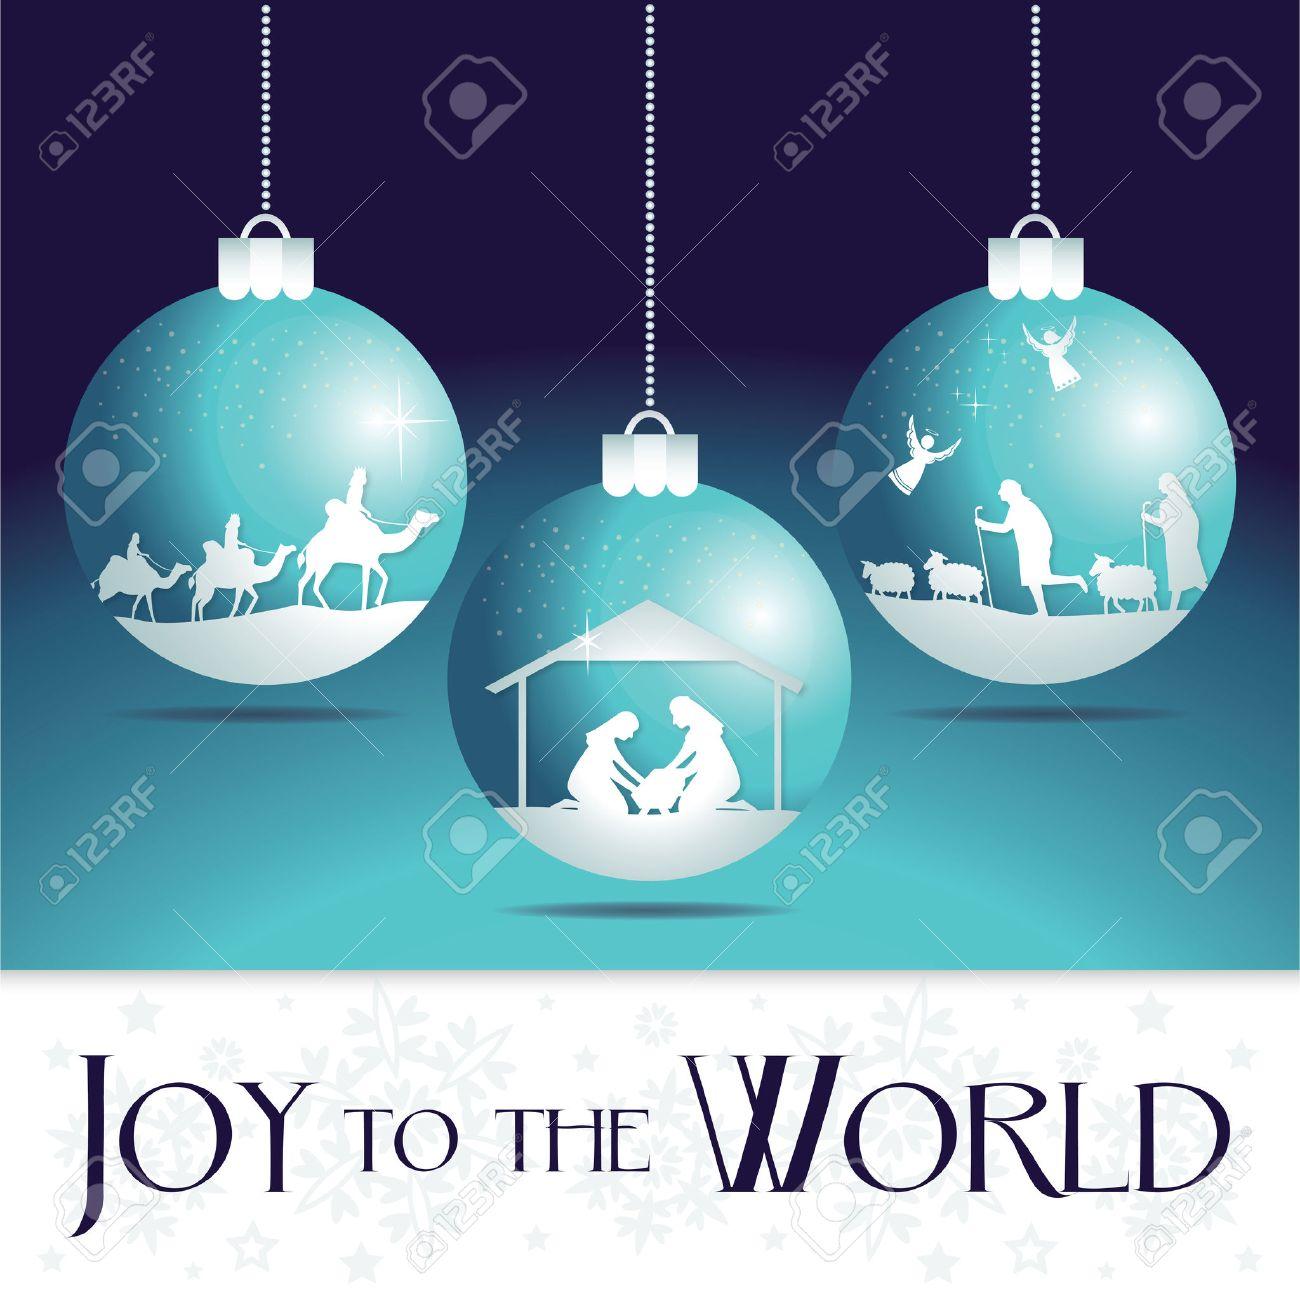 Joy to the world. Christmas nativity tree ornaments. - 50305810